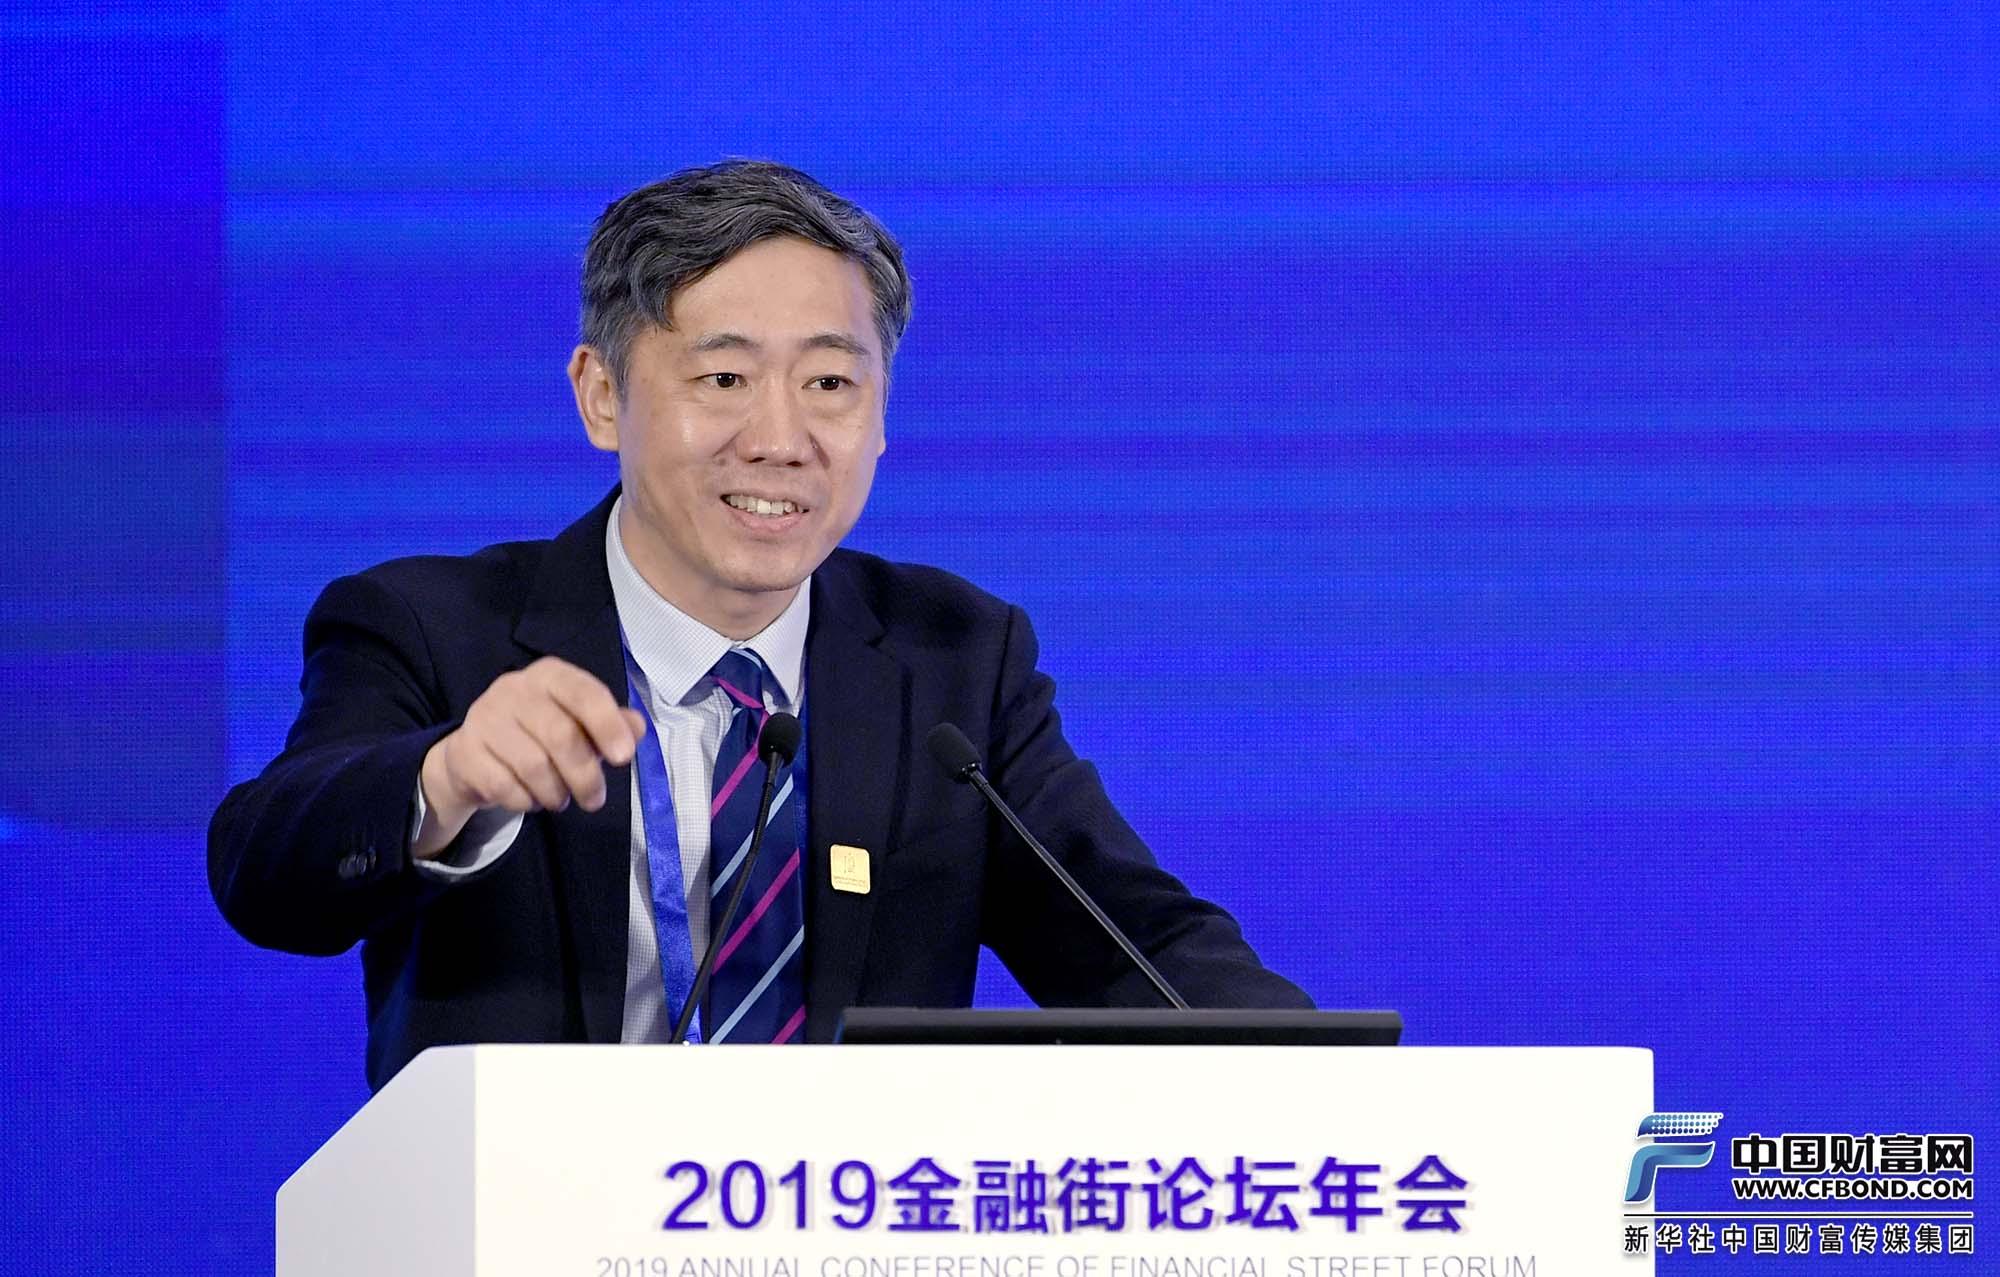 清华大学中国经济思想与实践研究院院长李稻葵